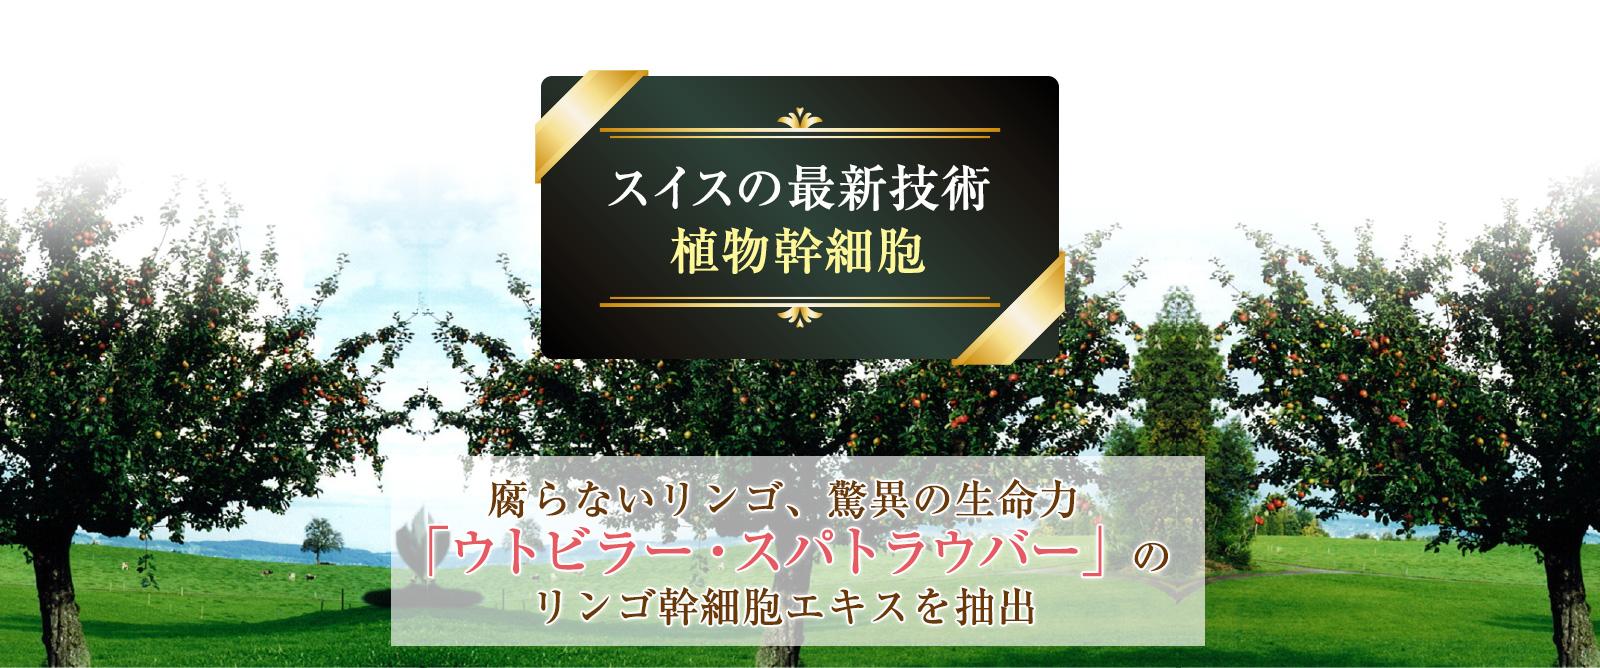 日本の最新医療技術 植物幹細胞